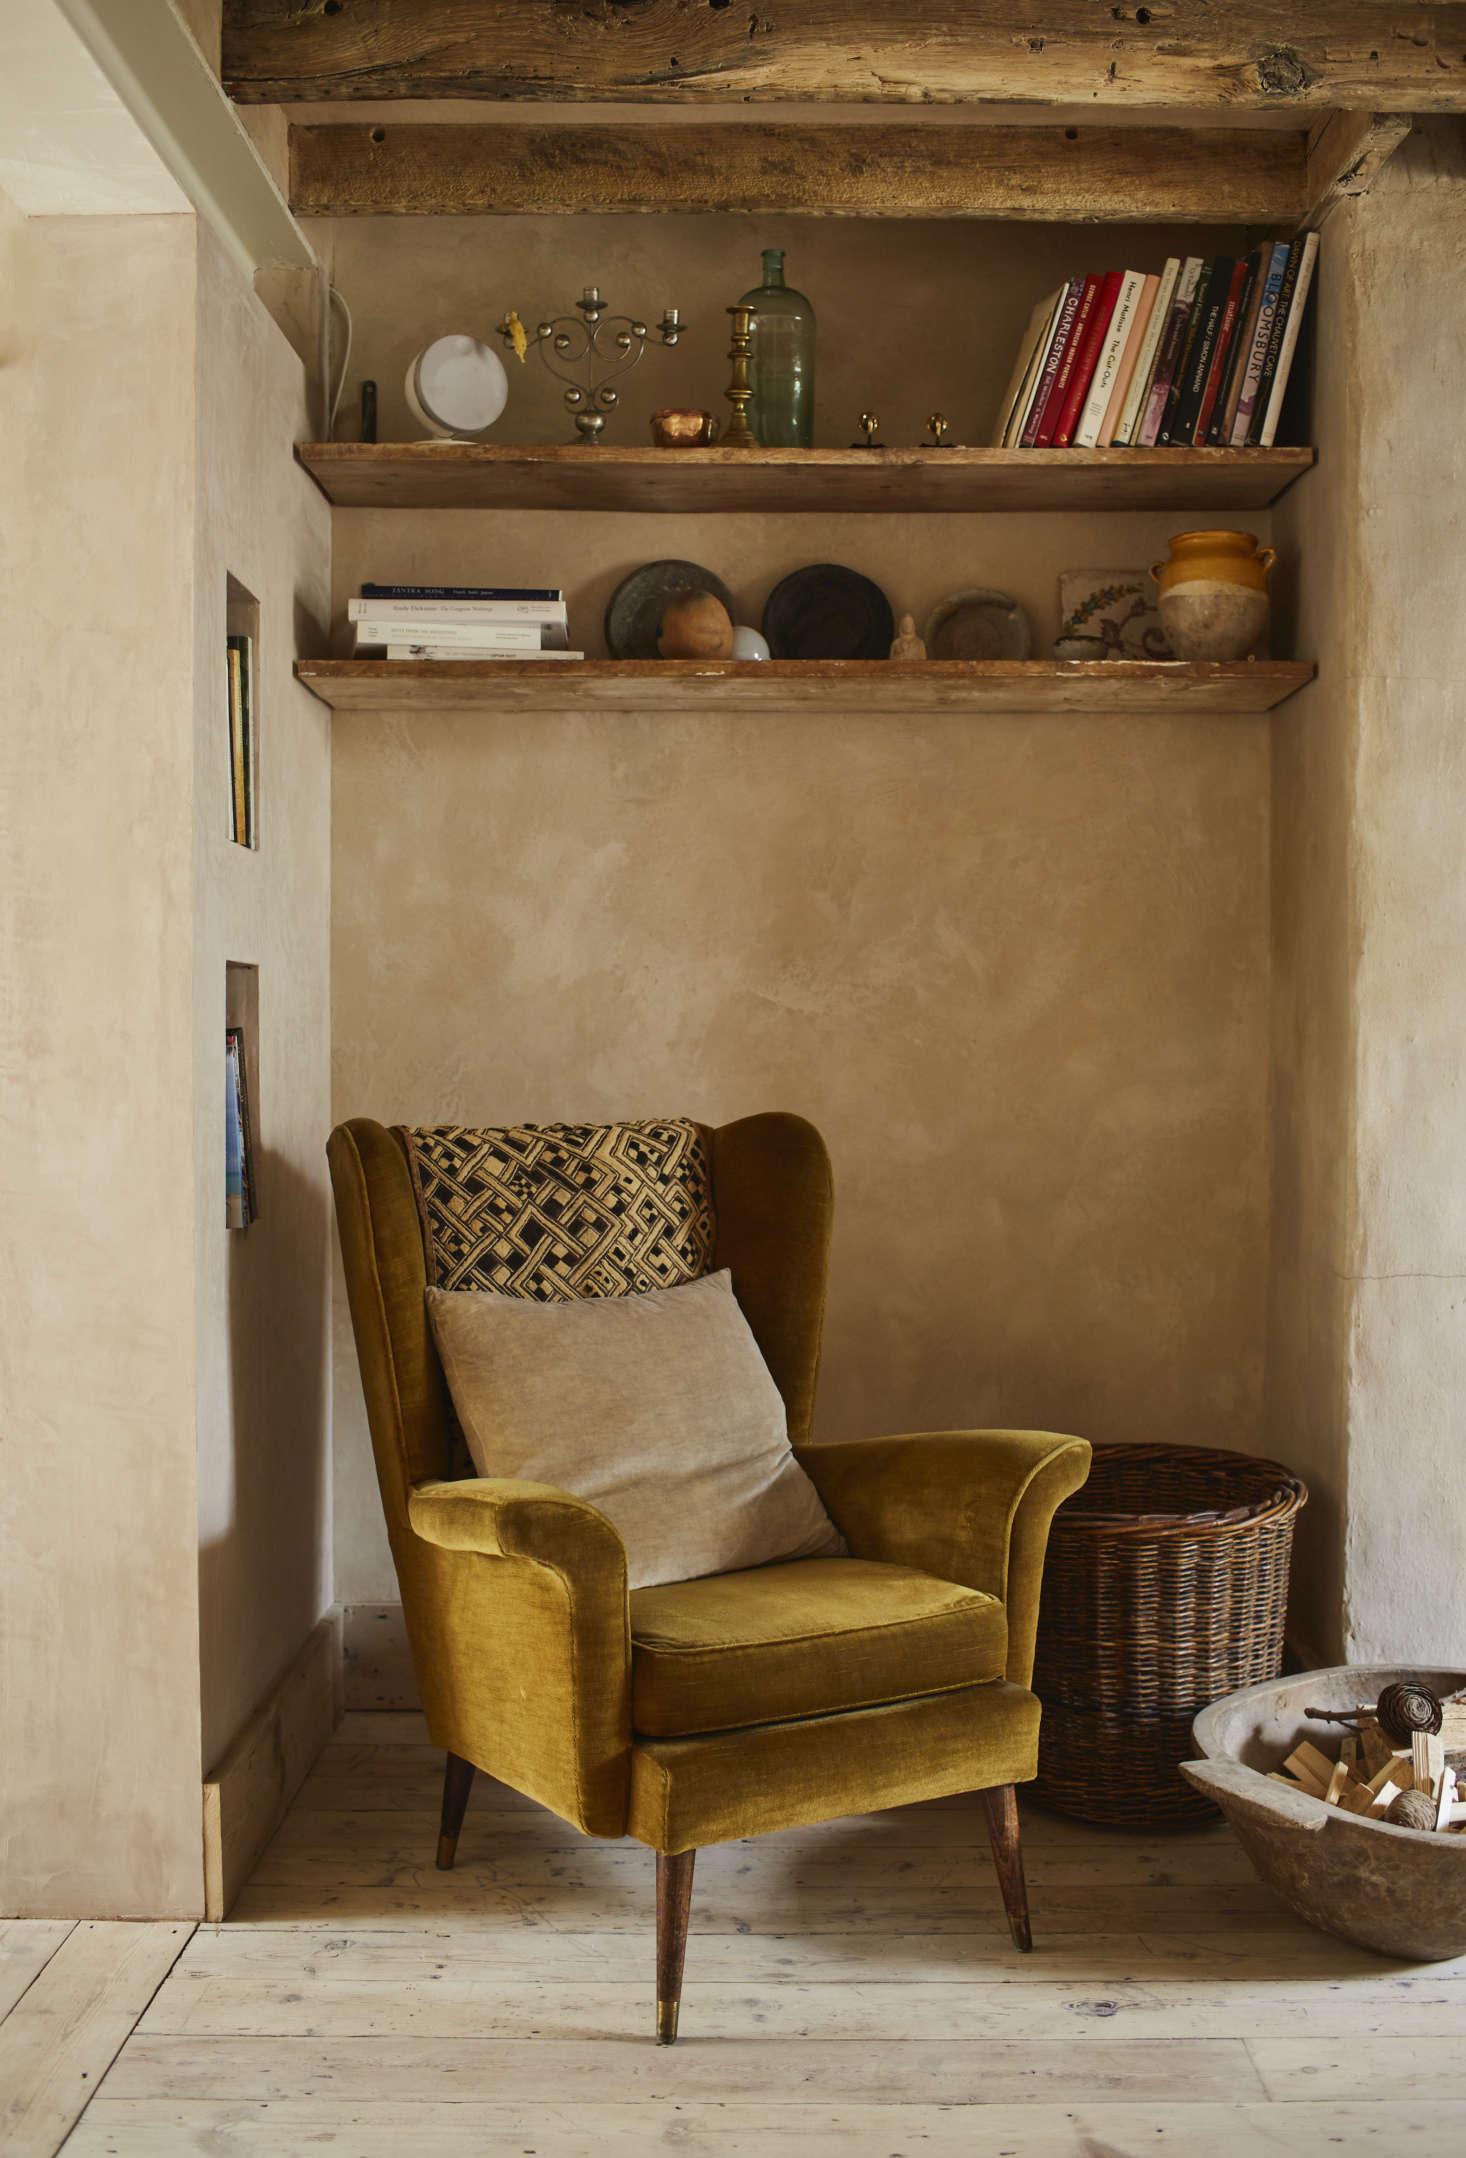 The house is located near Portobello Road—the costume designer bought her velvet-upholstered armchair on Goldborne Road, at the far end of the Portobello Market.